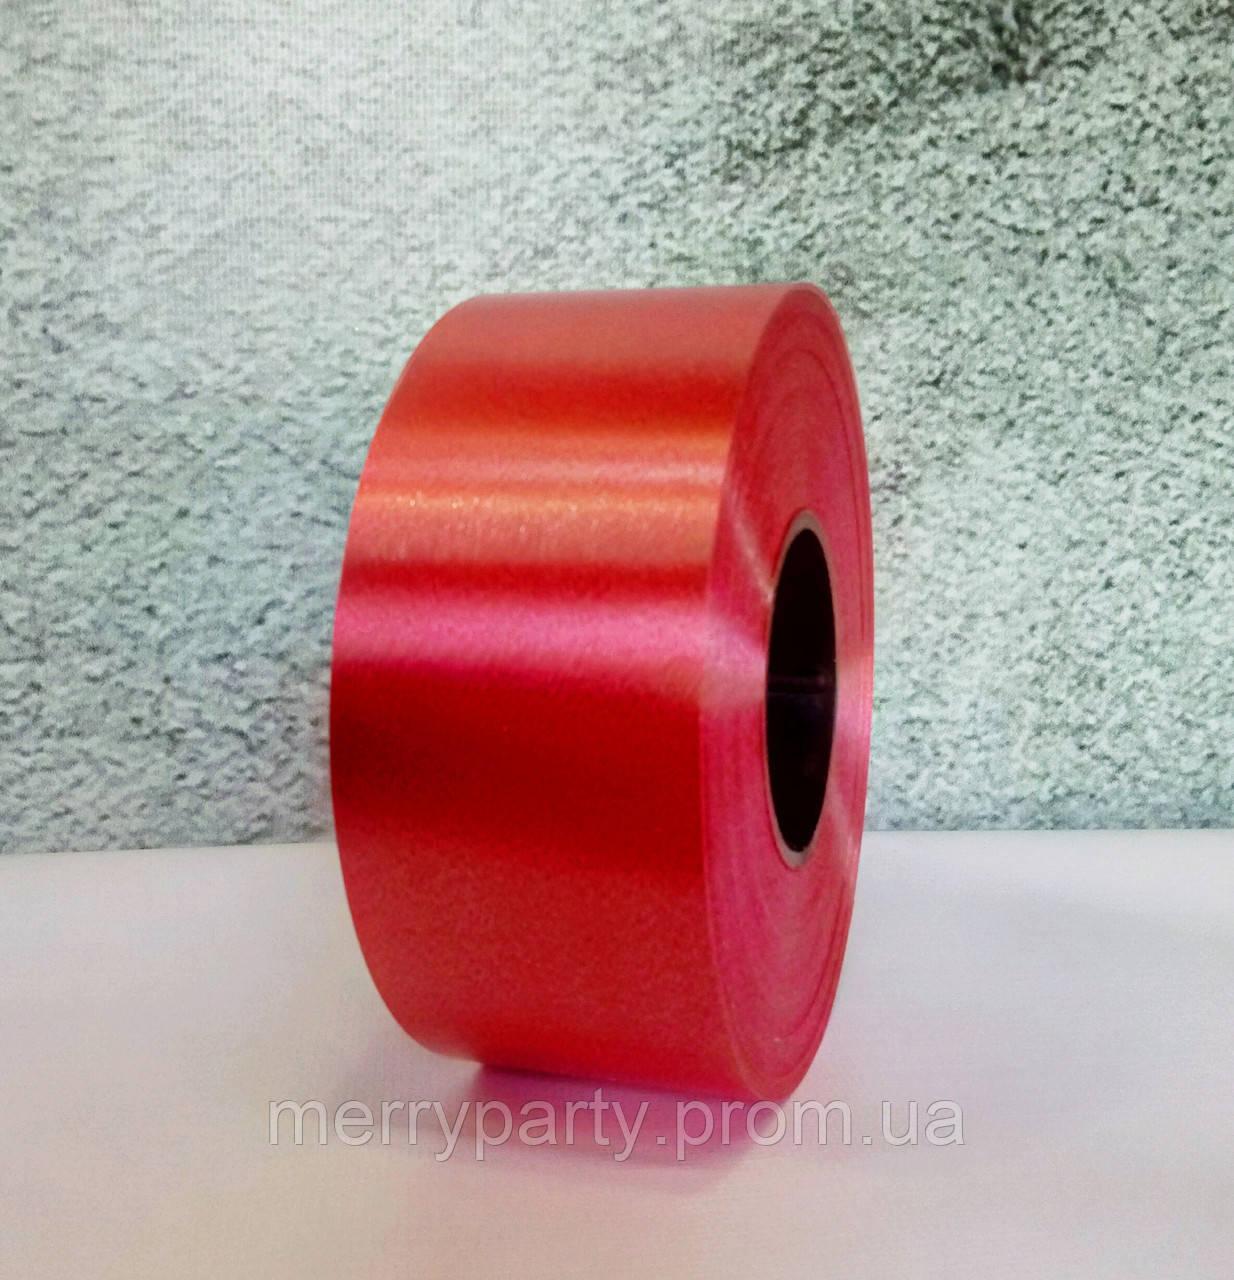 Лента полипропиленовая красная ш. 5 см (82 м)